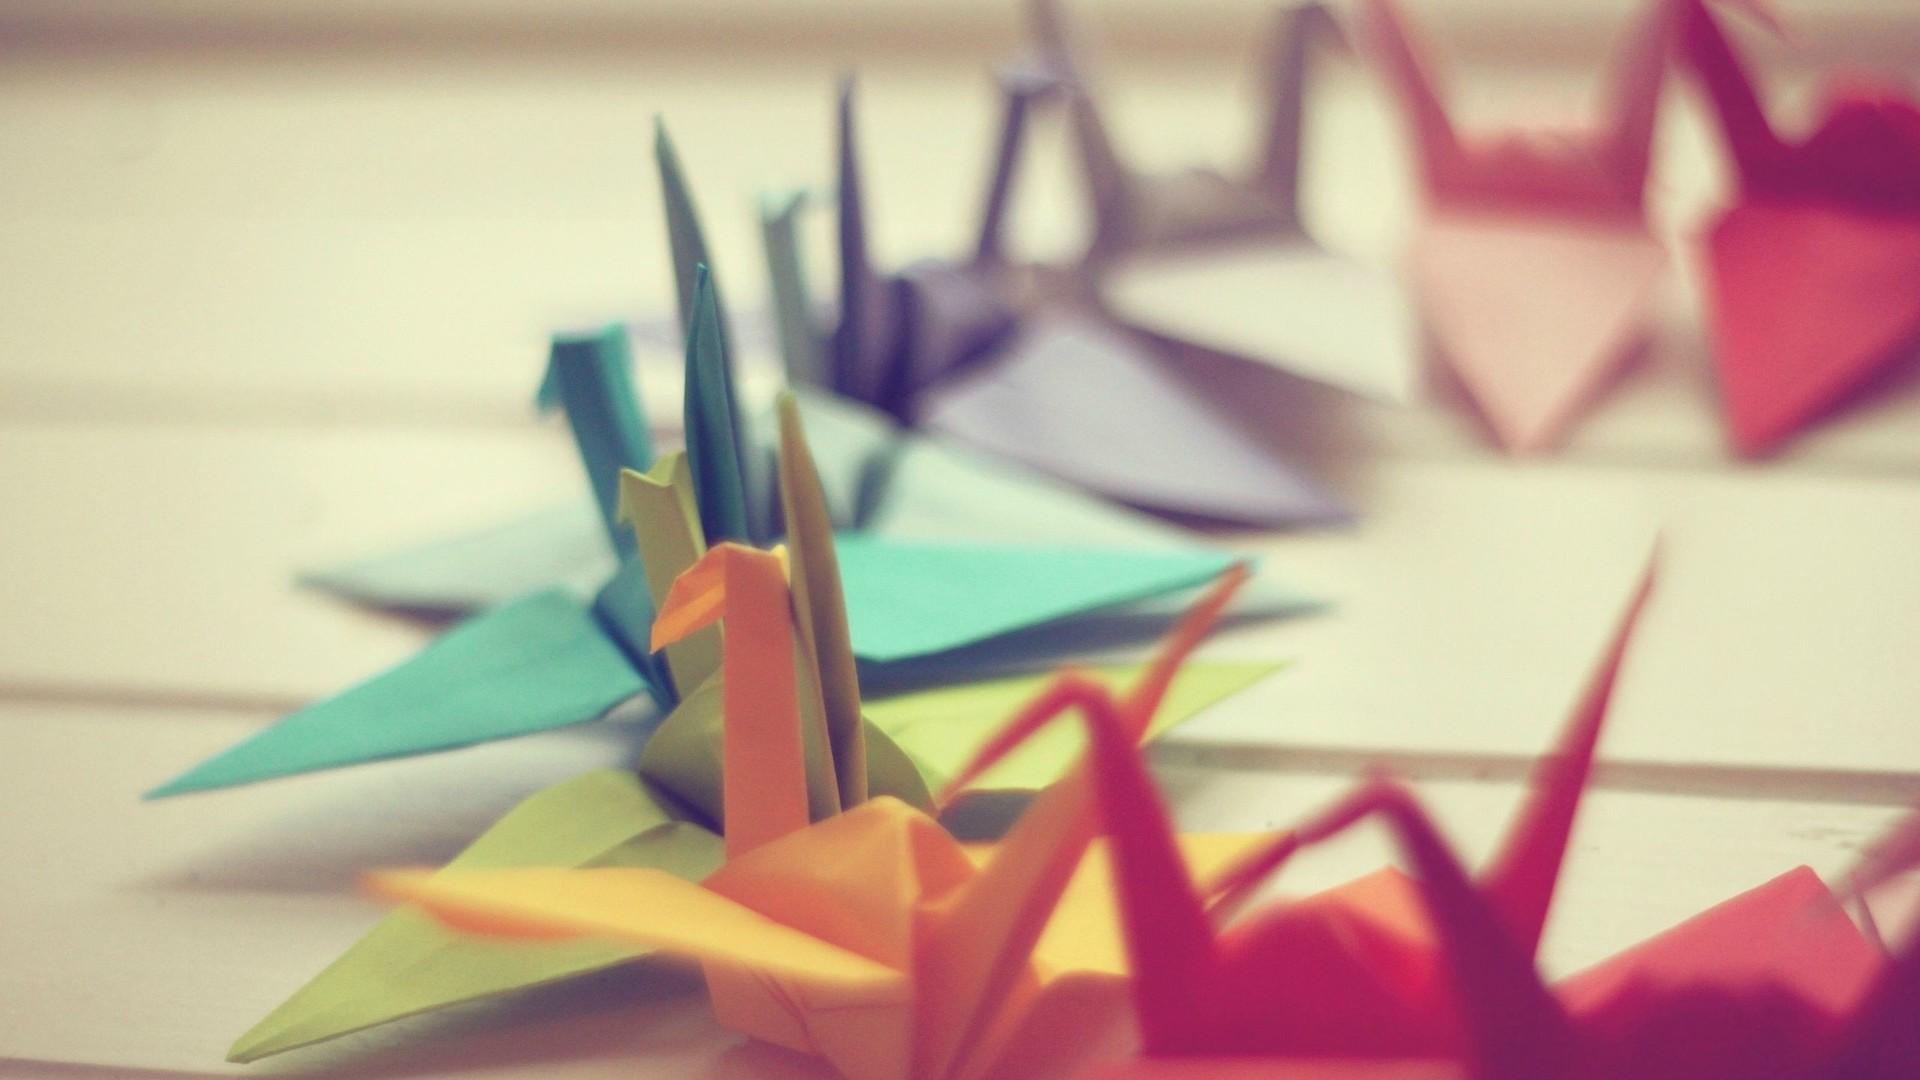 hình nền hạc giấy